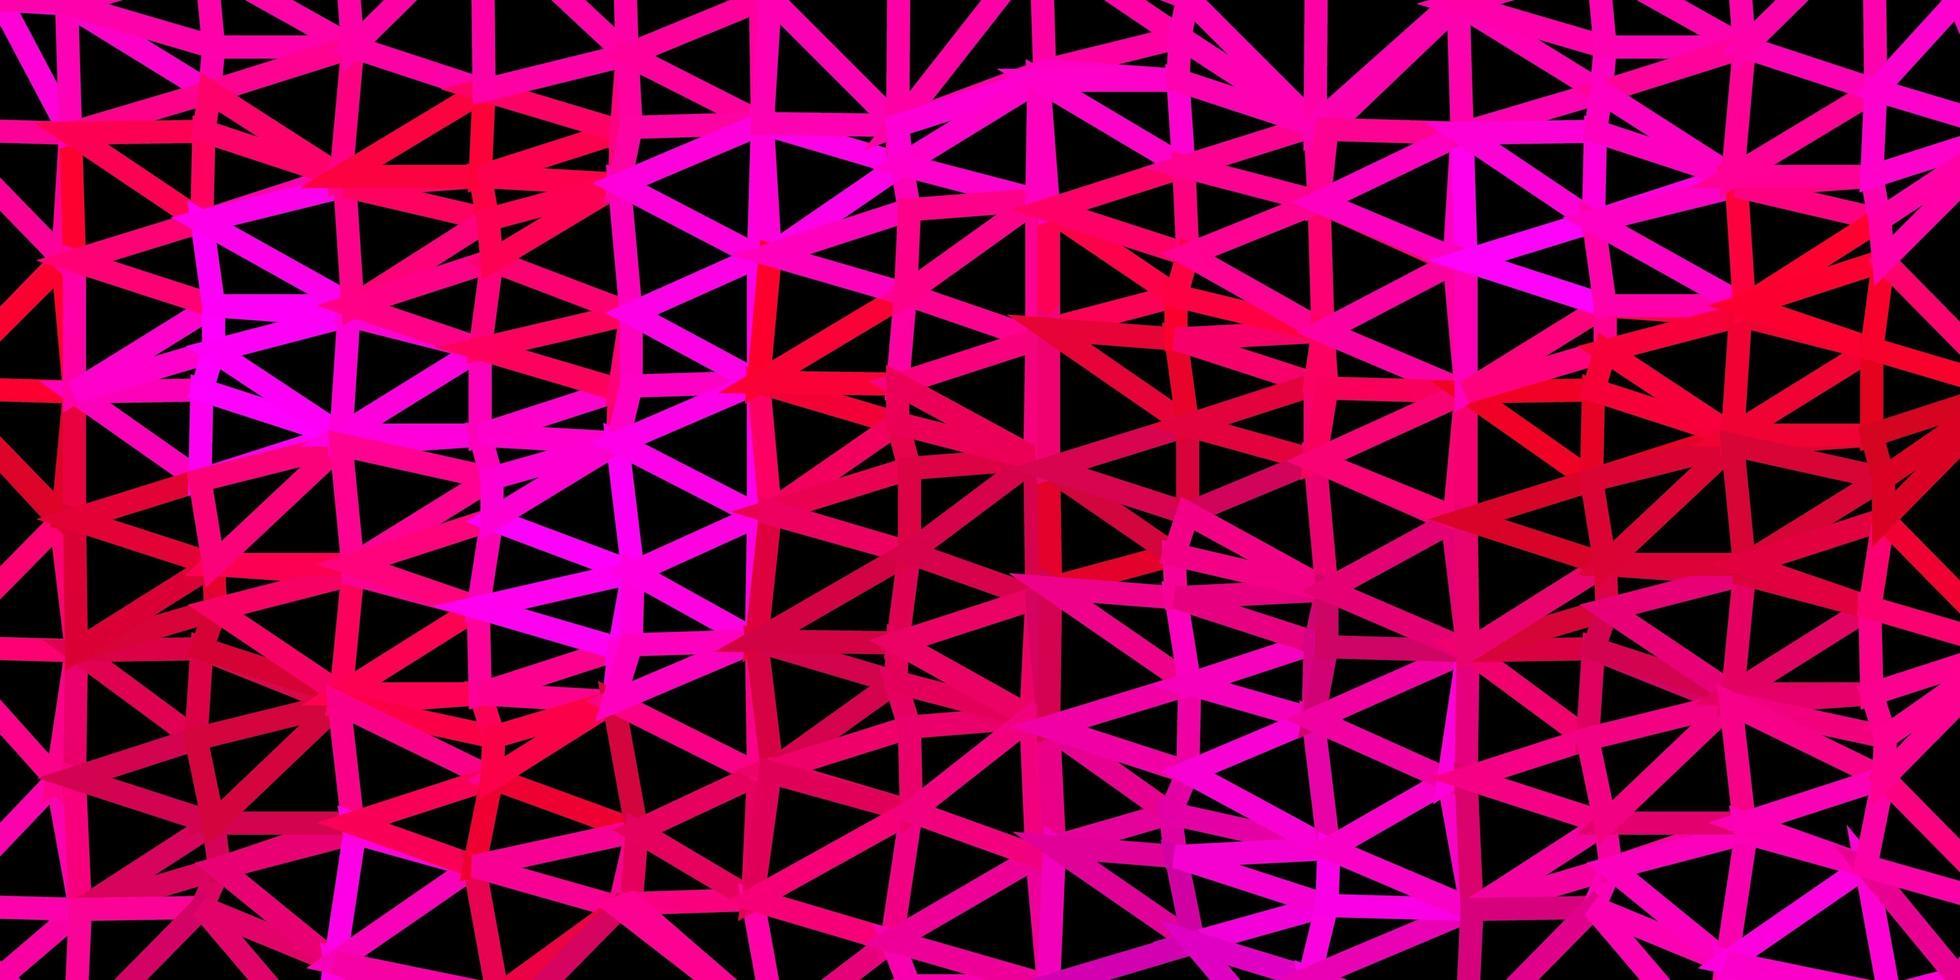 dunkelrosa Vektordreieck-Mosaikmuster. vektor